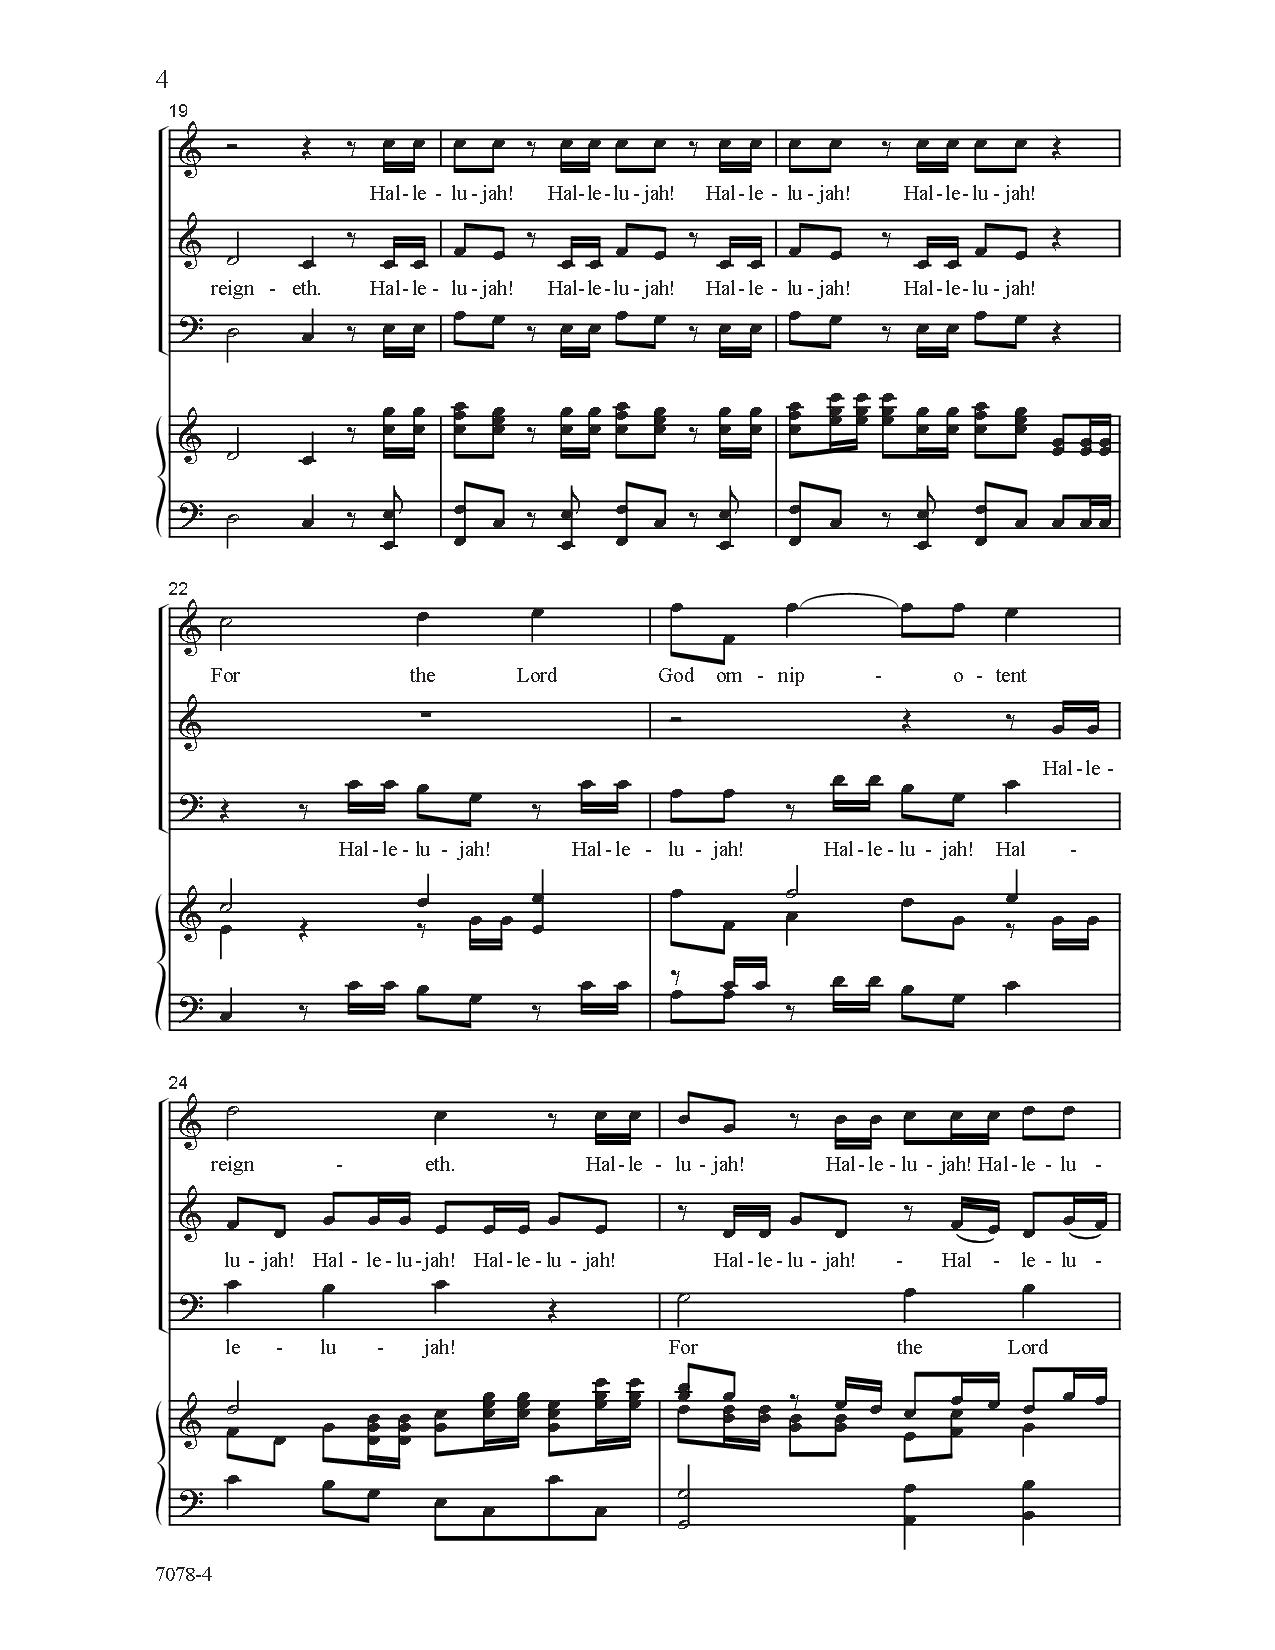 hallelujah chorus sab sheet music pdf